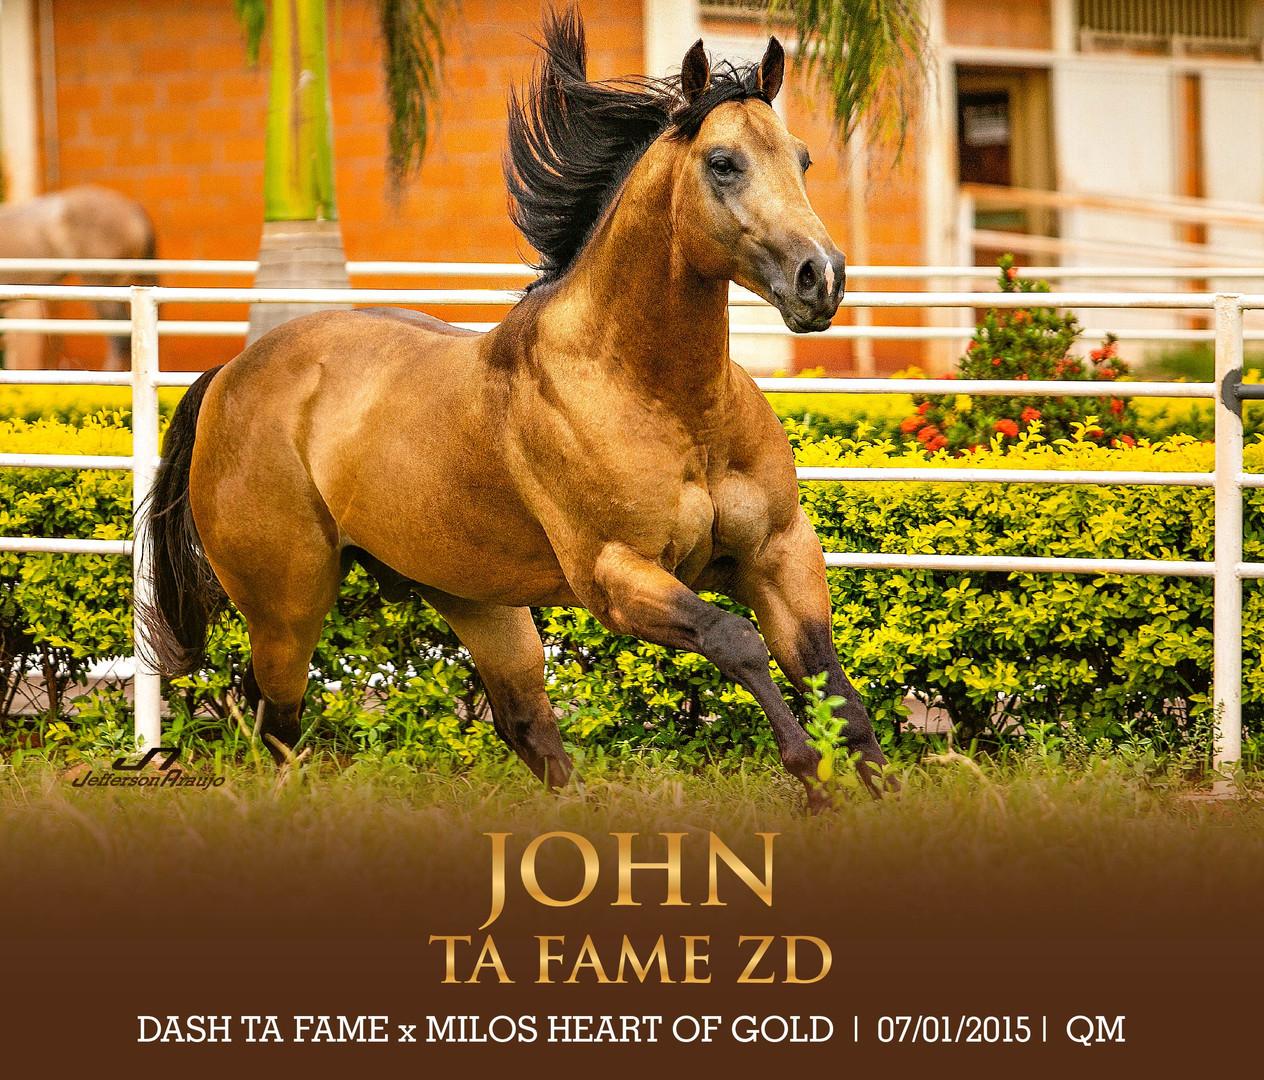 JOHN TA FAME ZD